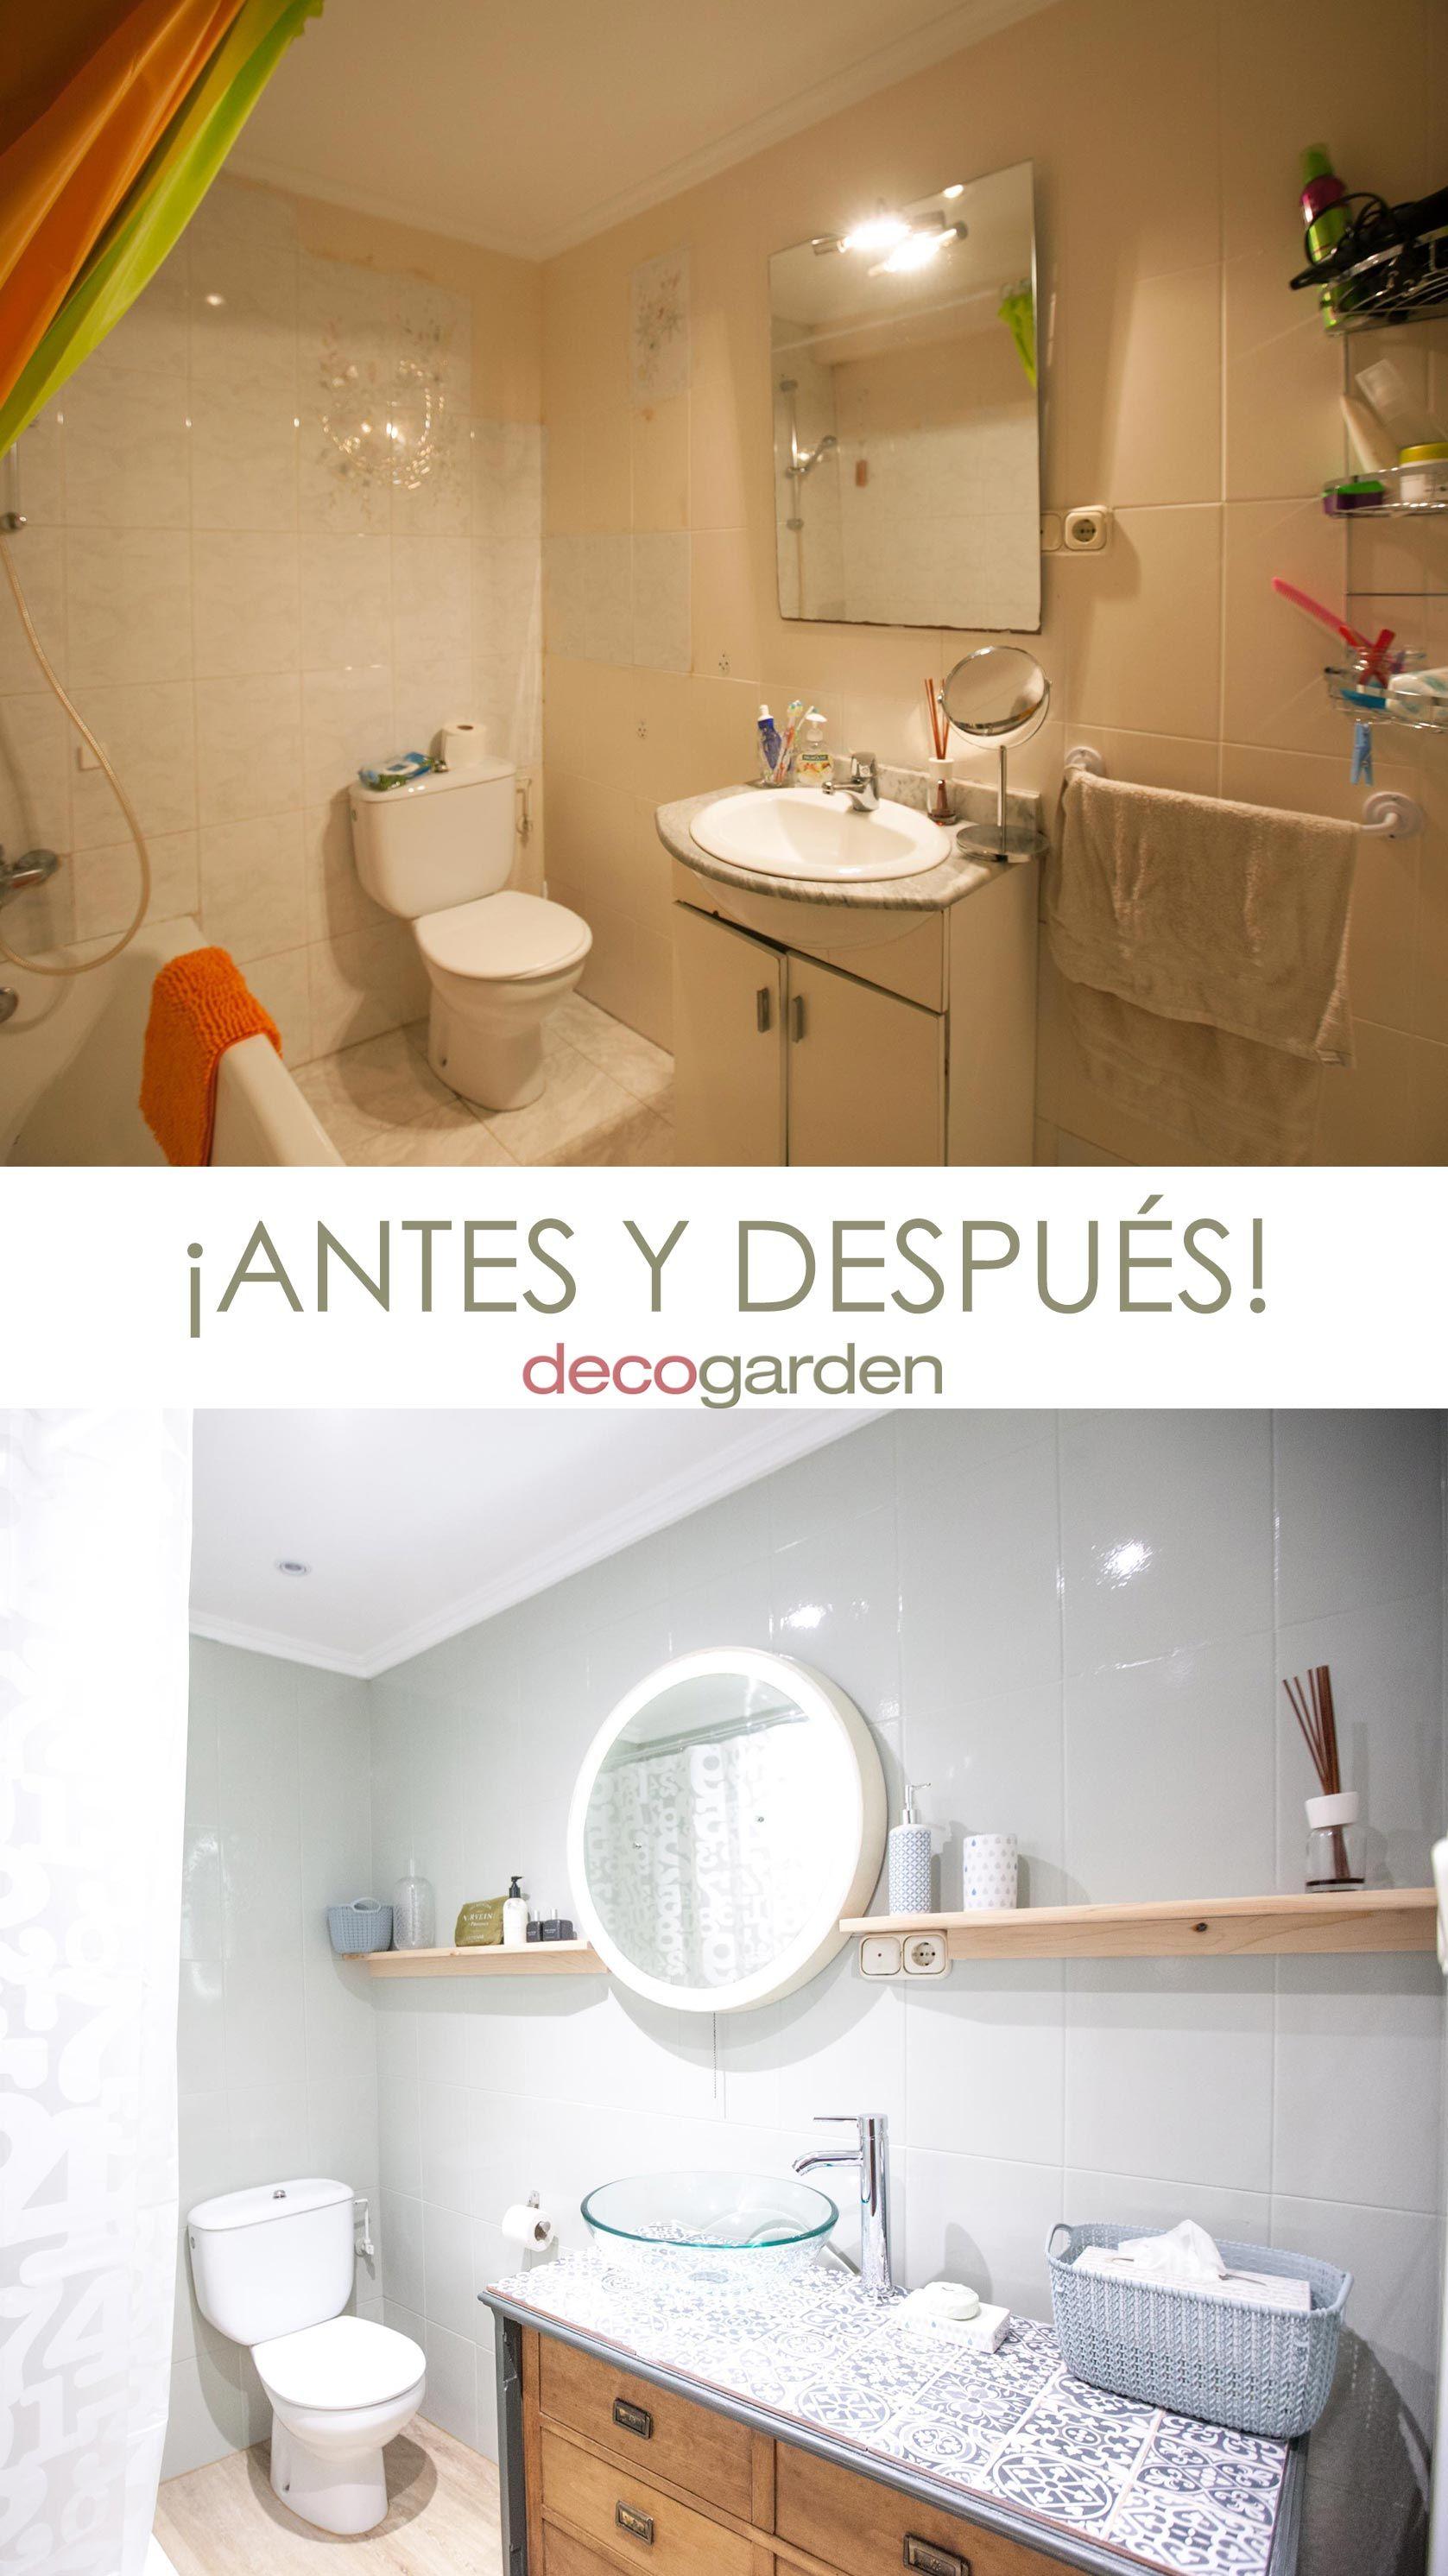 Renovar el aspecto del baño - antes y después